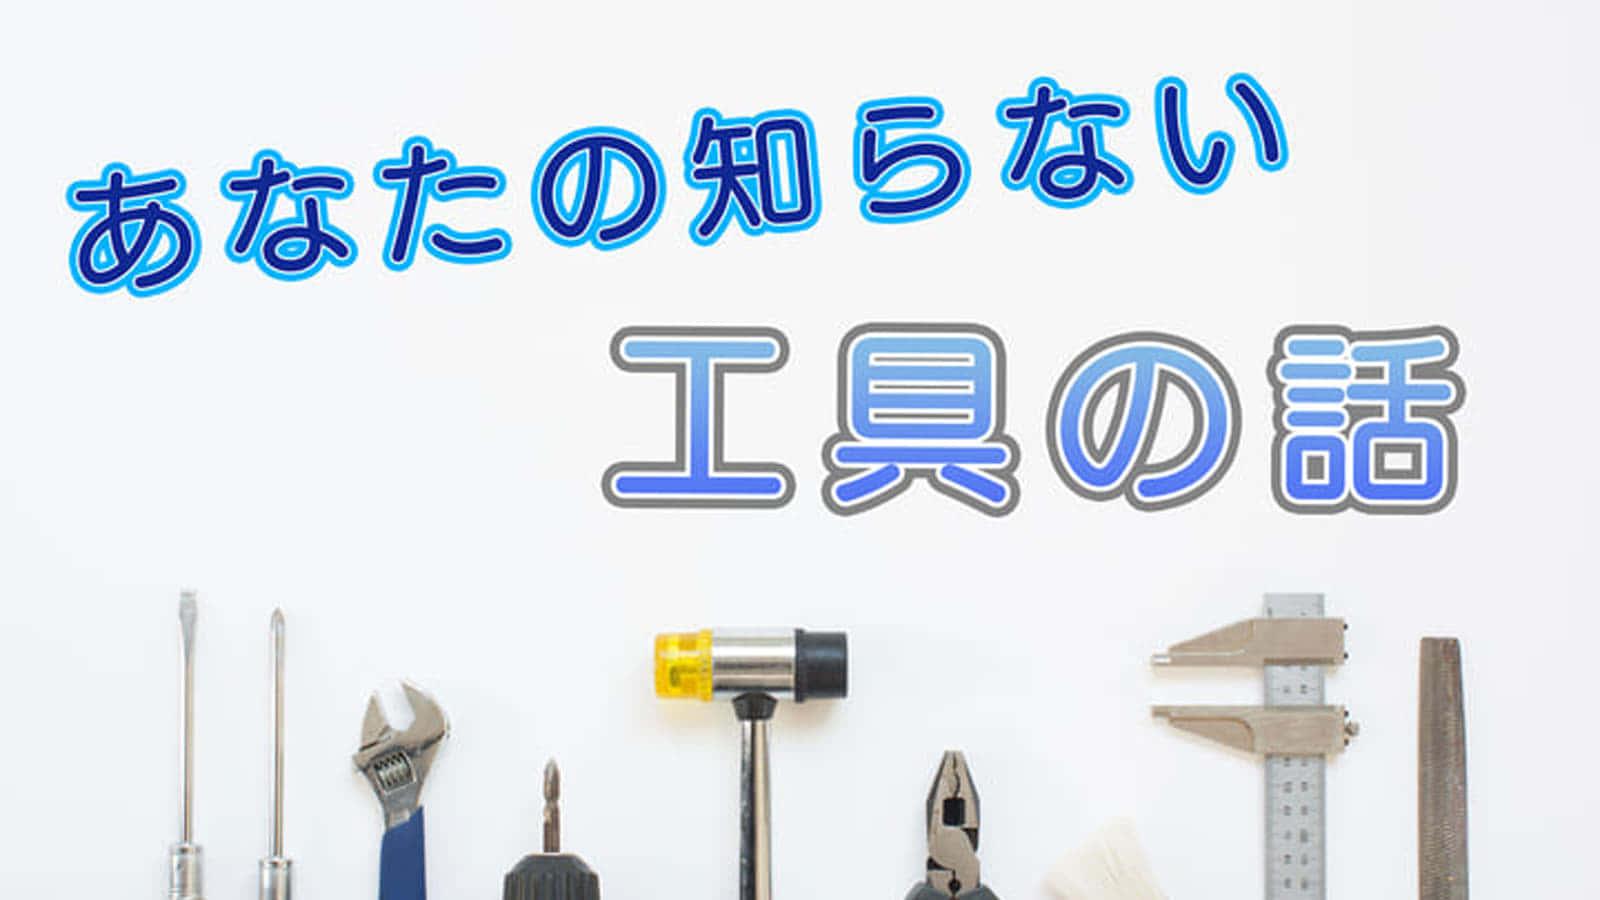 【工具コラム】日本メーカーが充電式コンプレッサーや電動釘打機を販売しない理由